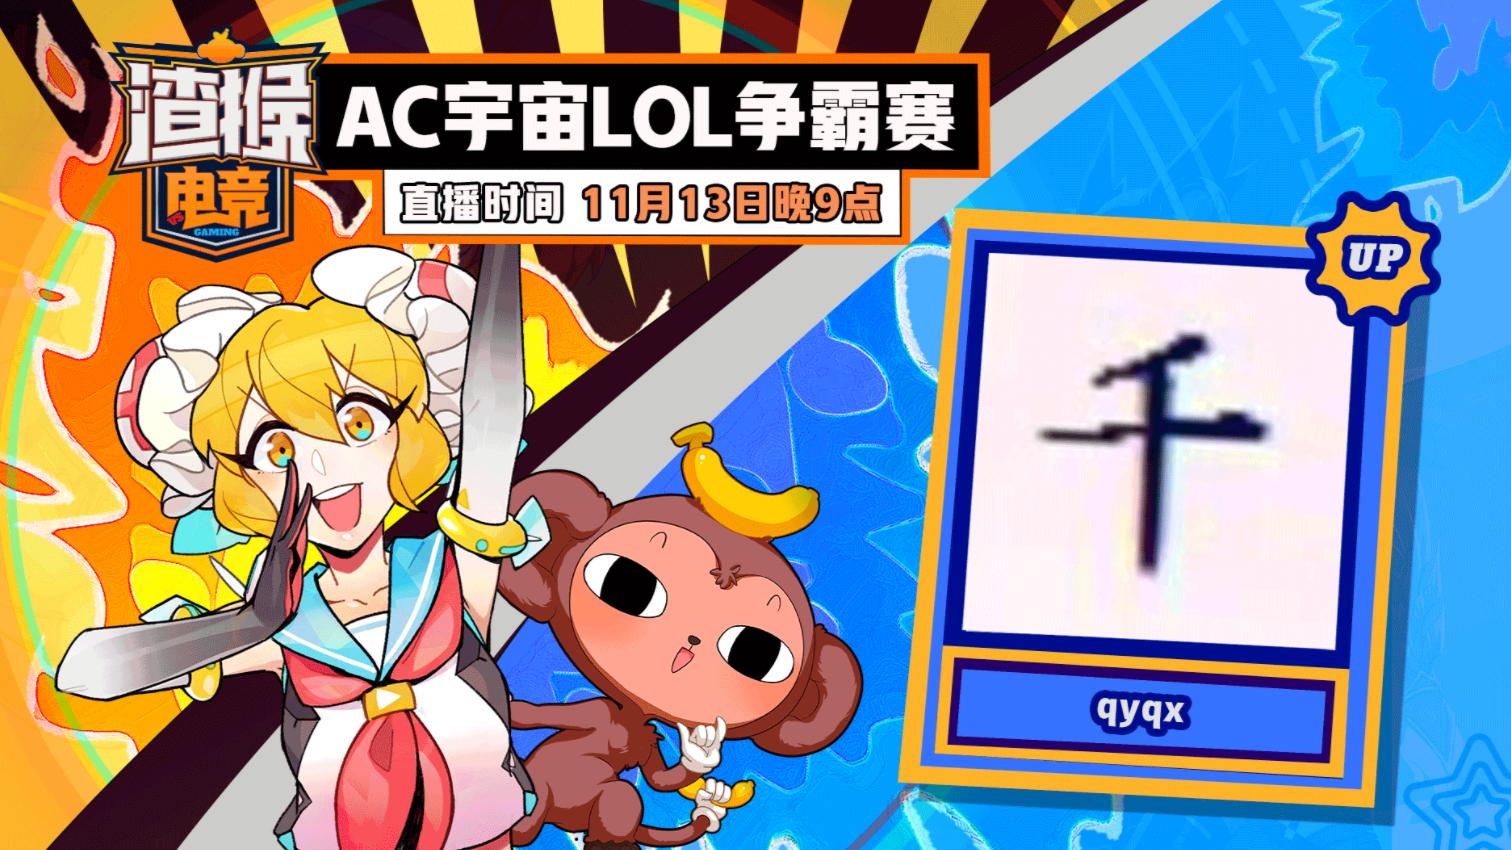 【QYQX】渣猴电竞—AC宇宙LOL争霸赛(有时候选择比努力重要!)2020.11.13